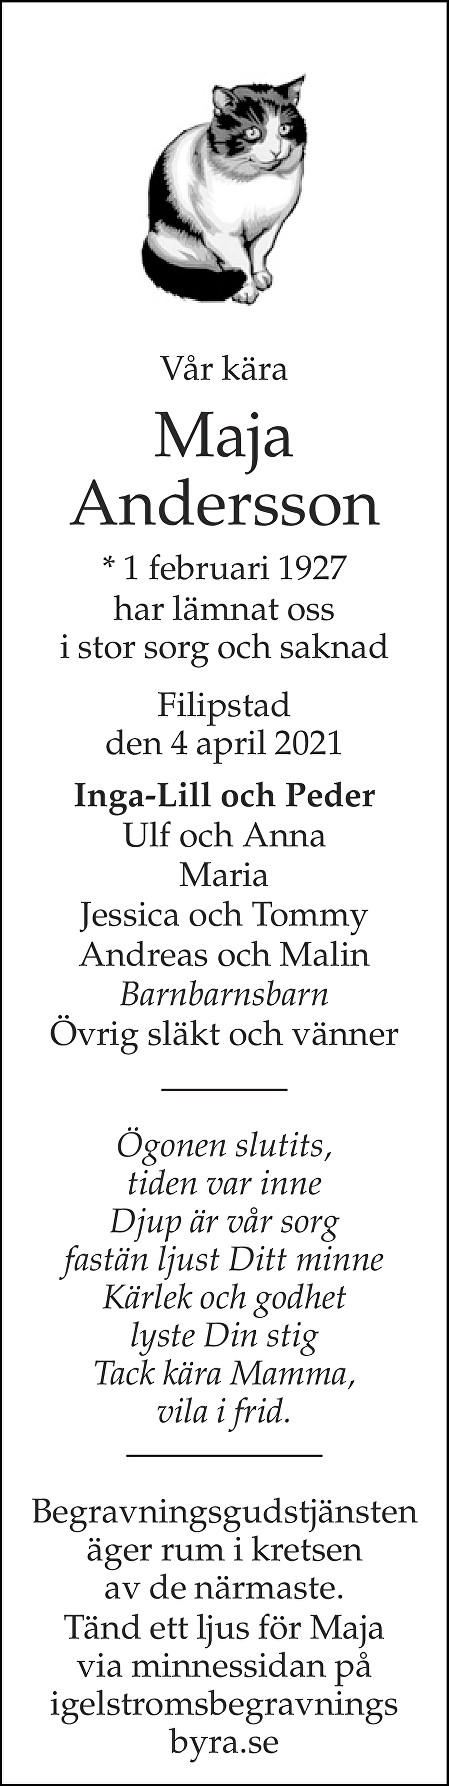 Maja Andersson Death notice